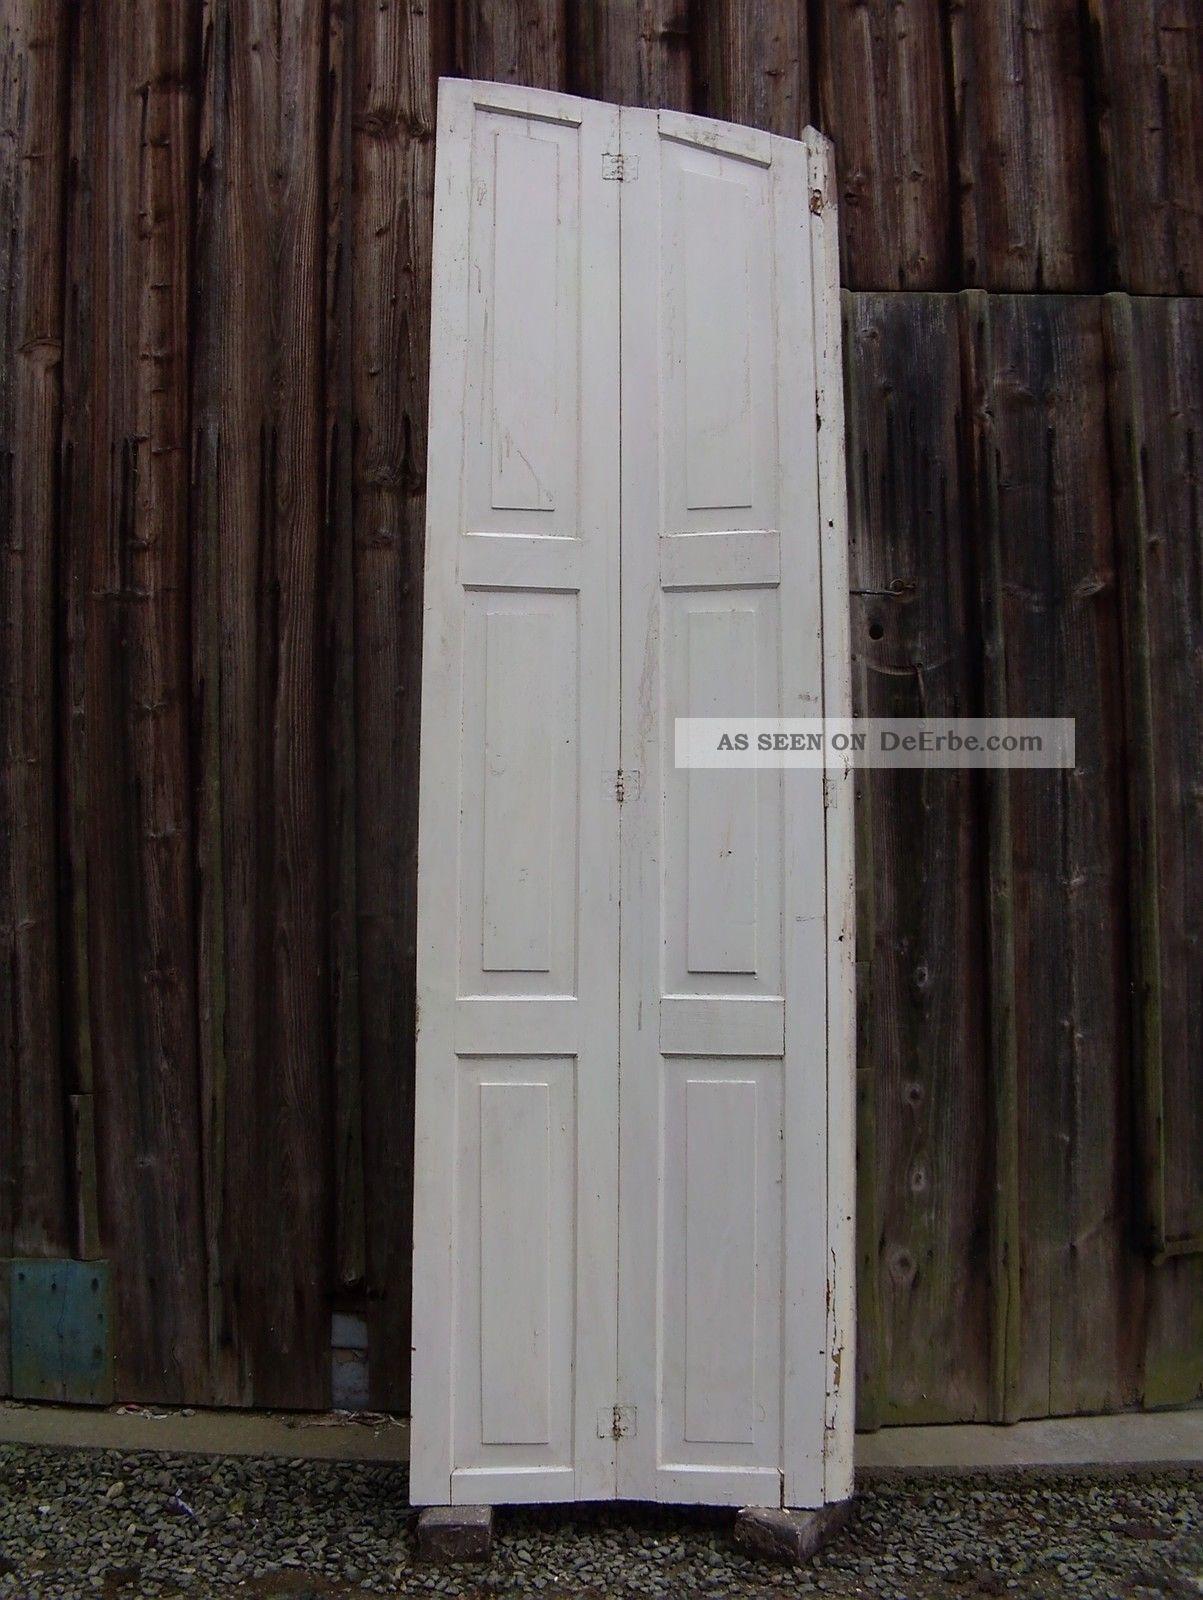 Fensterladen klappladen wei alte abbl tternde farbe - Antike fensterladen ...